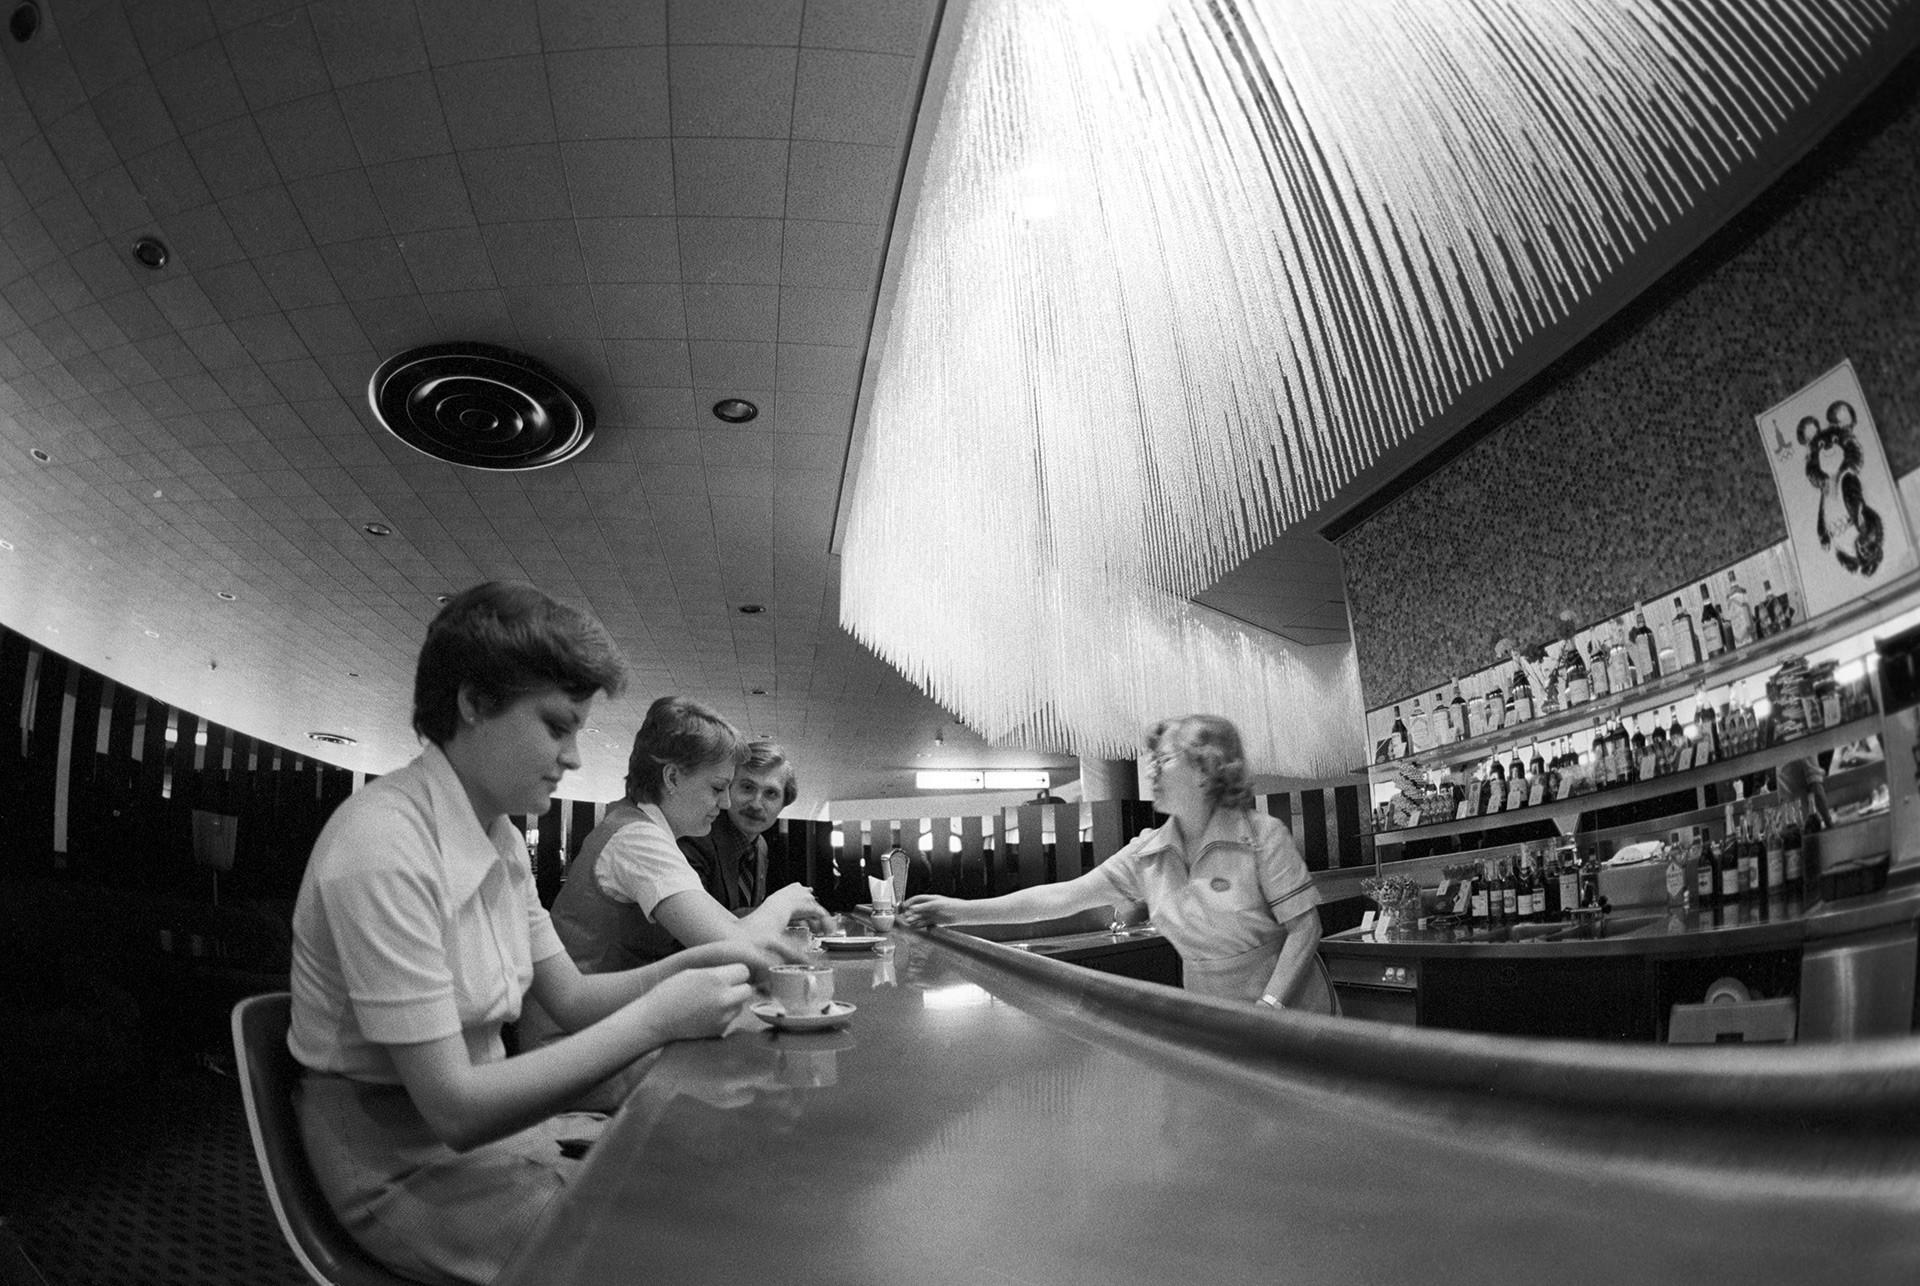 El bar en el aeropuerto Sheremétievo-2